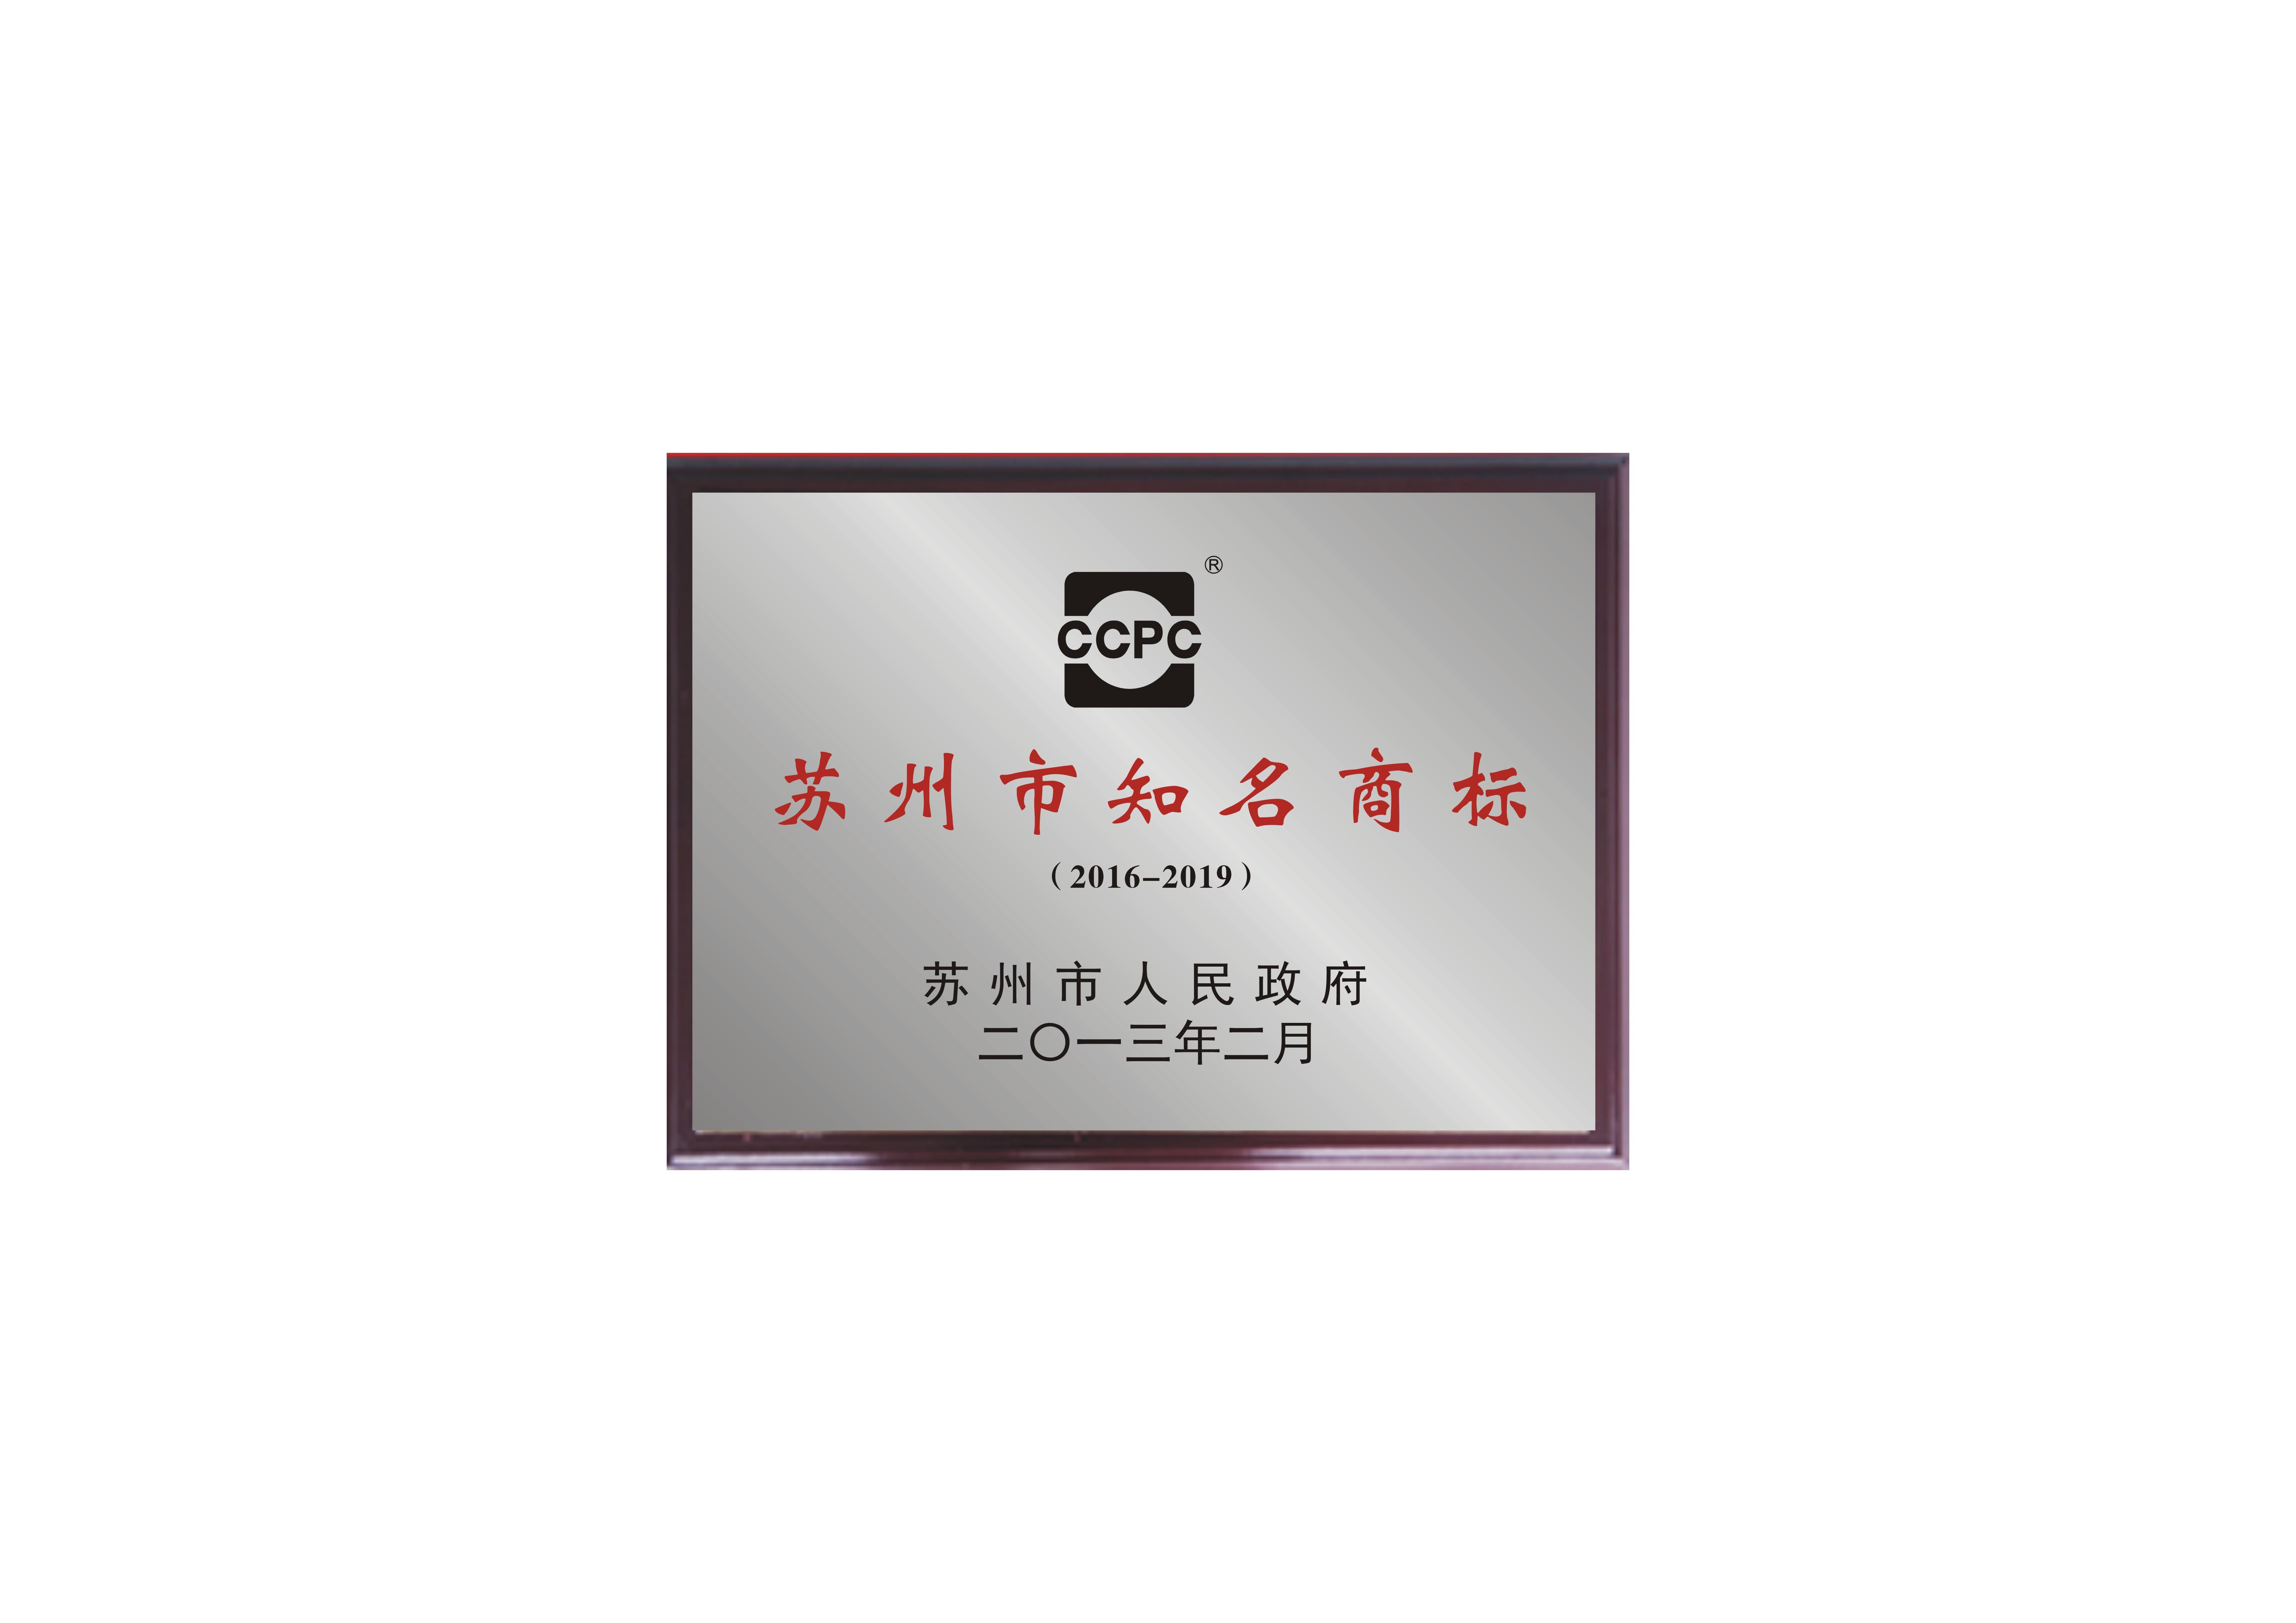 蘇州市知名な商標